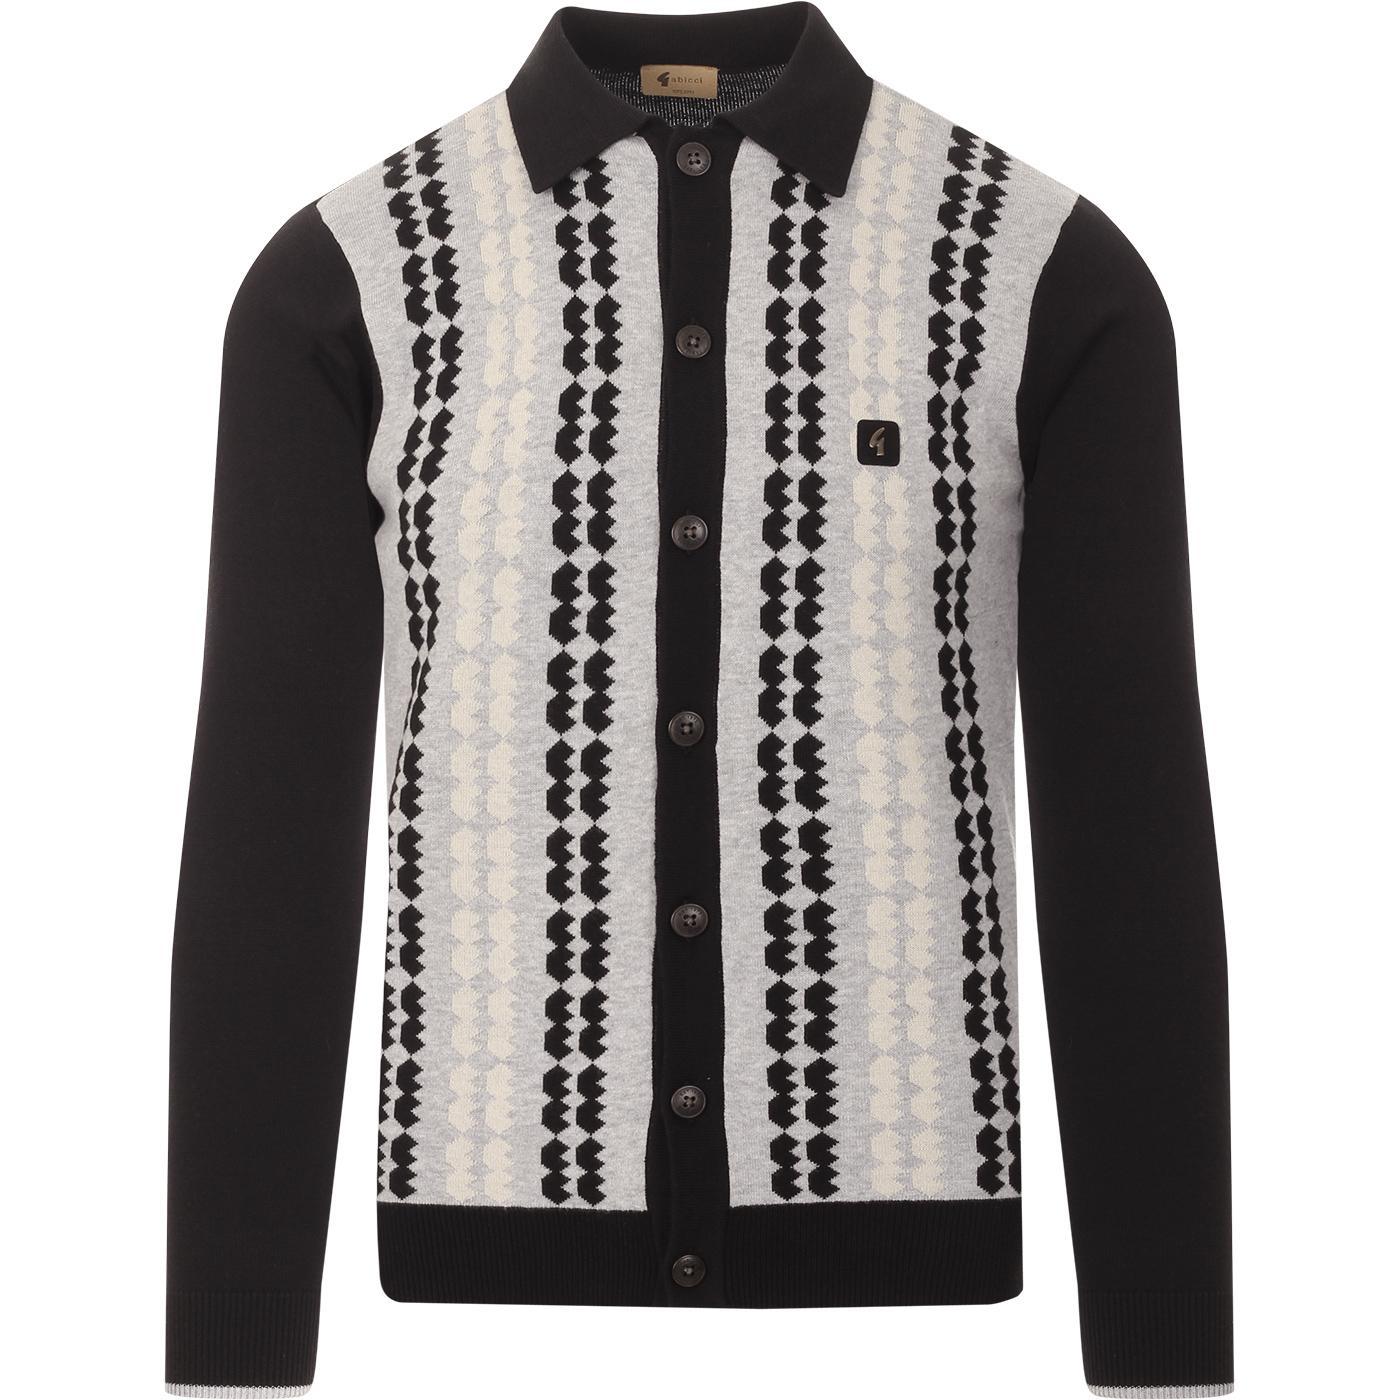 Nicholson GABICCI VINTAGE Mod Polo Cardigan -Black